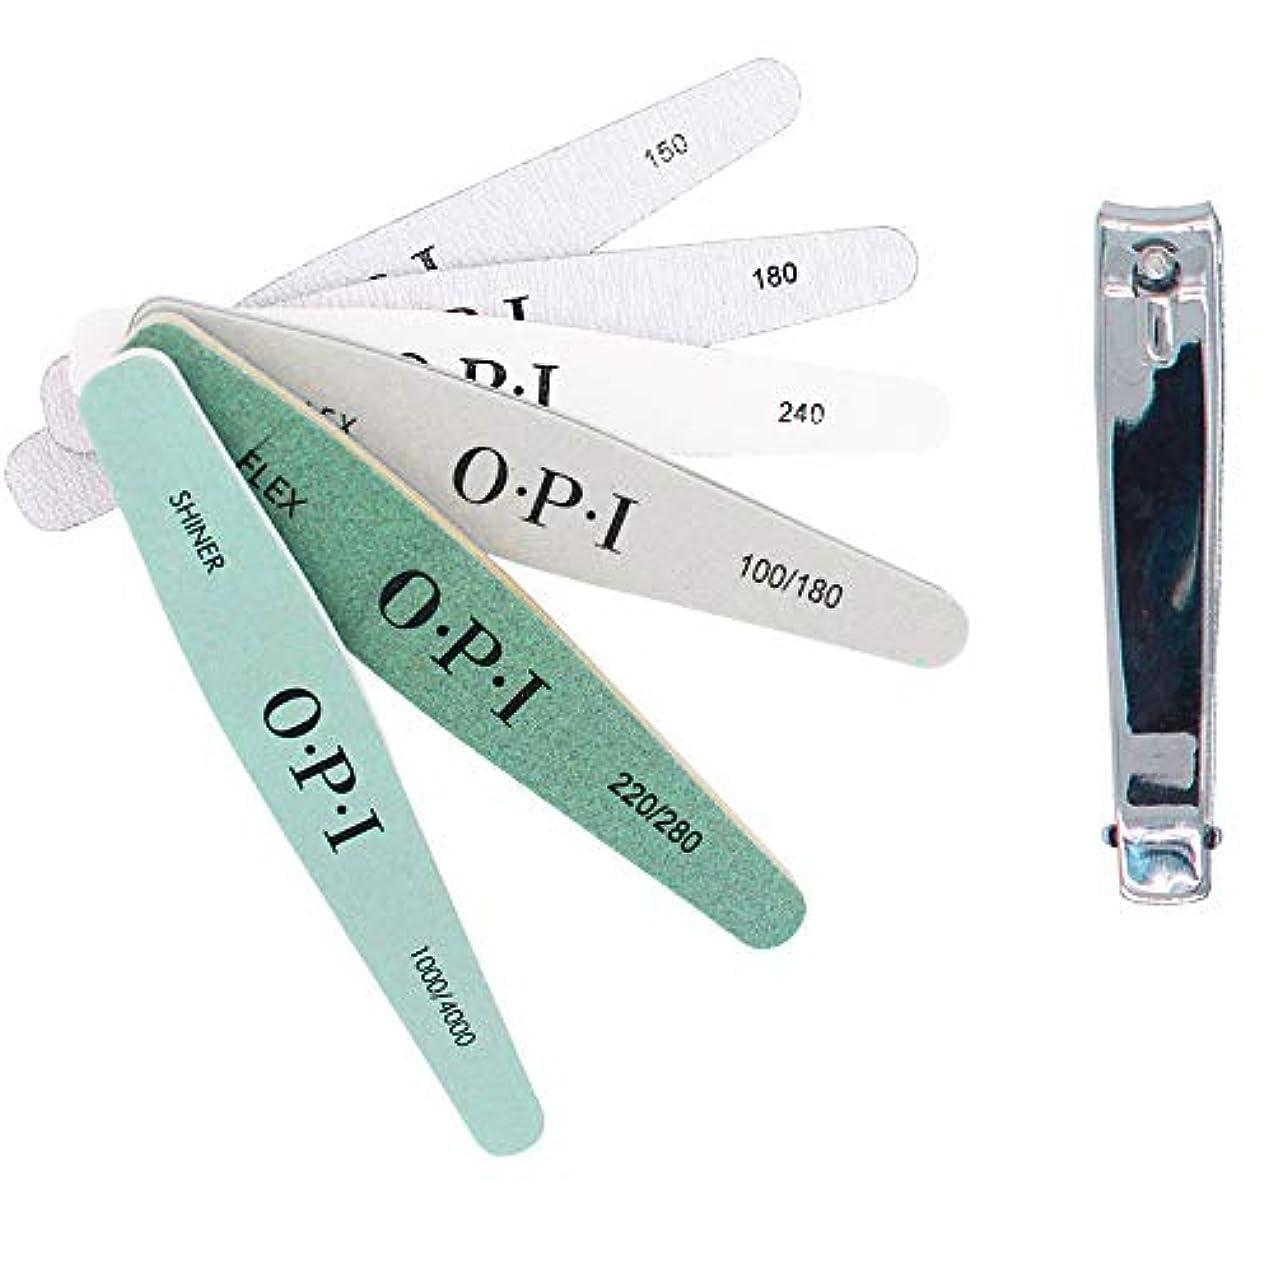 残るイーウェル解任KINYOOOスポンジファイル、爪やすり、ネイルをつやつやに、のネイルツール、 150/180/200/240/280/1000/4000と(1 PCSメタルネイルはさみ)、ネイルケア用化粧マニキュアペディキュアセット。